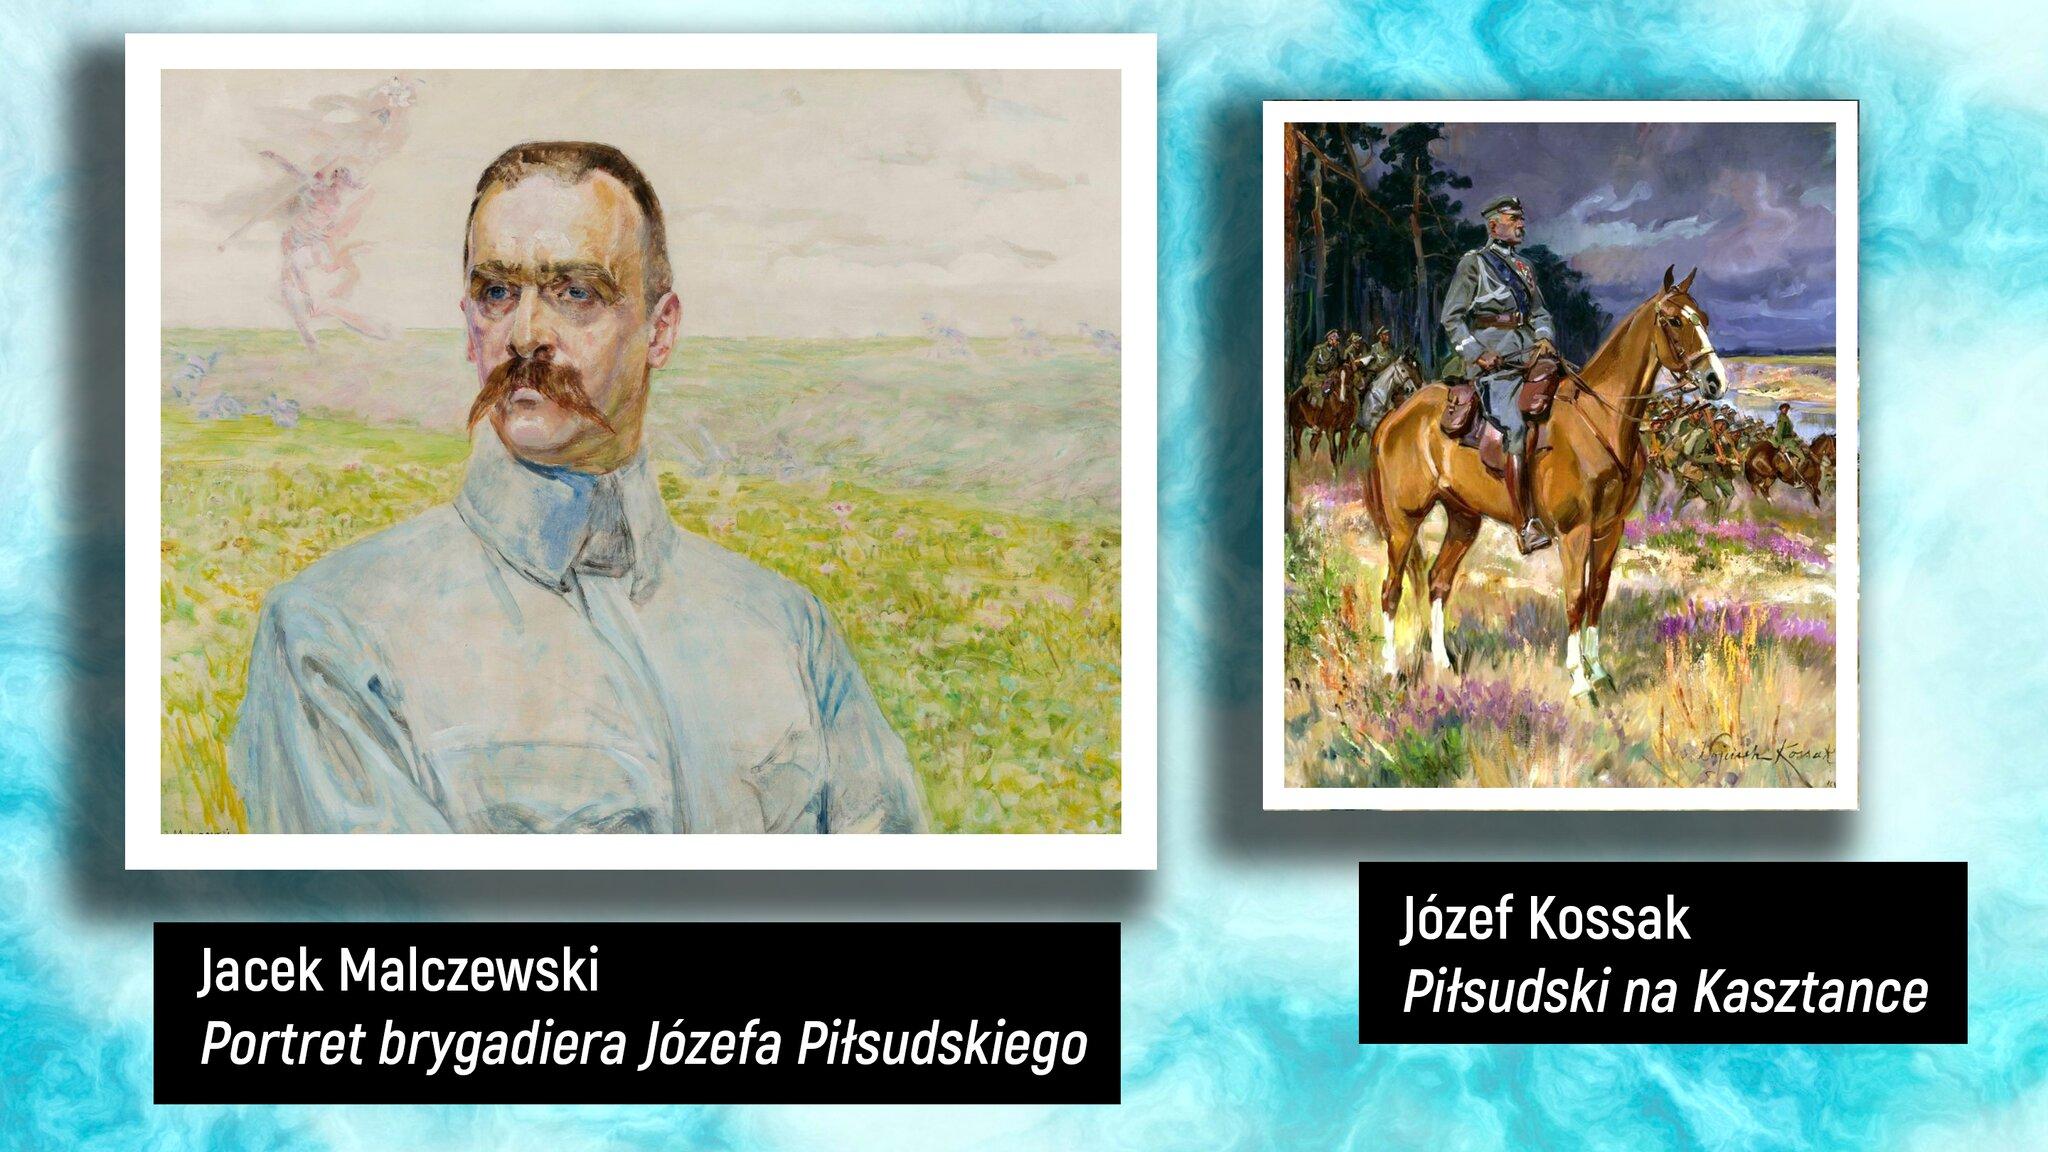 """Wjasnoniebieskim prostokącie są przedstawione dwa obrazy. Pierwszy obraz zlewej to portret mężczyzny. Ma krótkie brązowe włosy, niebieskie oczy. Wtle widać łąkę. Ubrany jest wbiałą koszulę zwysokim kołnierzem. Obraz jest podpisany: """"Jacek Malczewski »Portret brygadiera Józefa Piłsudskiego«"""". Drugi obraz, po prawej stronie, to portret mężczyzny siedzącego na brązowym koniu. Mężczyzna ubrany jest wodświętny strój wojskowy, wysokie brązowe buty. Ma czapkę na głowie, spogląda wdal. Wtle widać las, drzewa sosnowe imężczyzn – wojsko jadące na brązowych koniach. Obraz jest podpisany: """"Józef Kossak »Piłsudski na Kasztance«"""""""